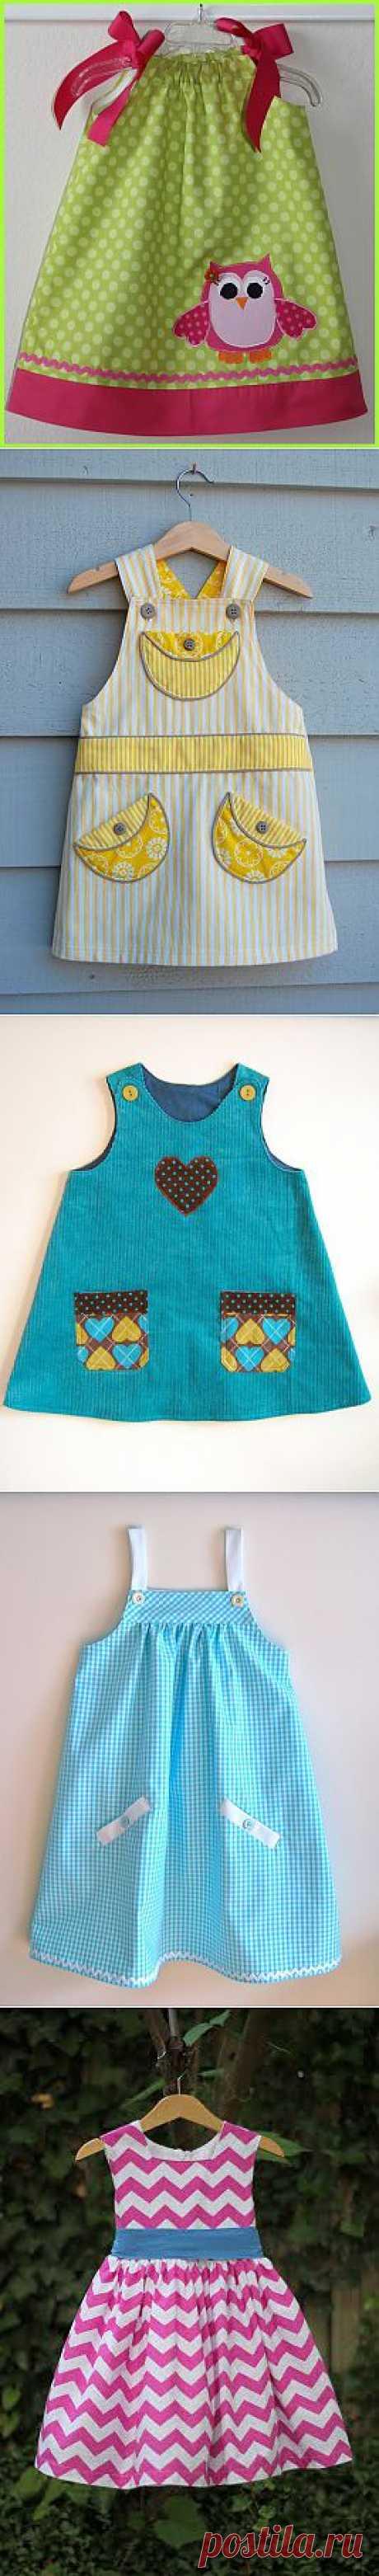 Шьем сами | Записи в рубрике Шьем сами | МИР ЖЕНЩИНЫ платьица для девочек